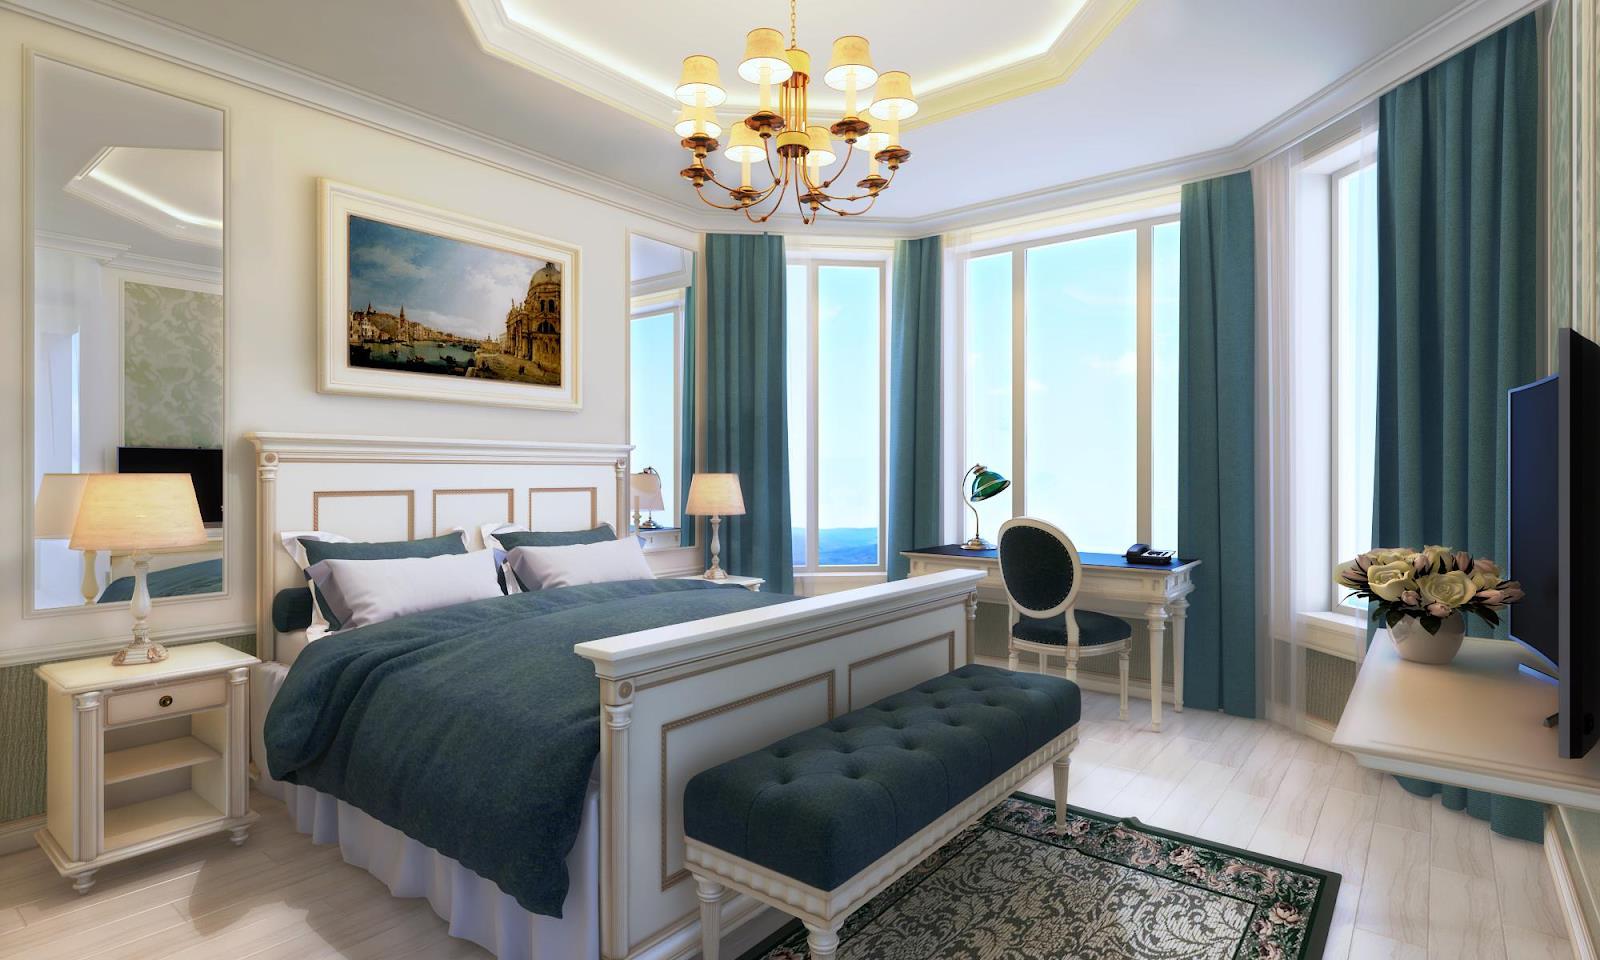 Cách sắp xếp phòng ngủ hợp phong thủy